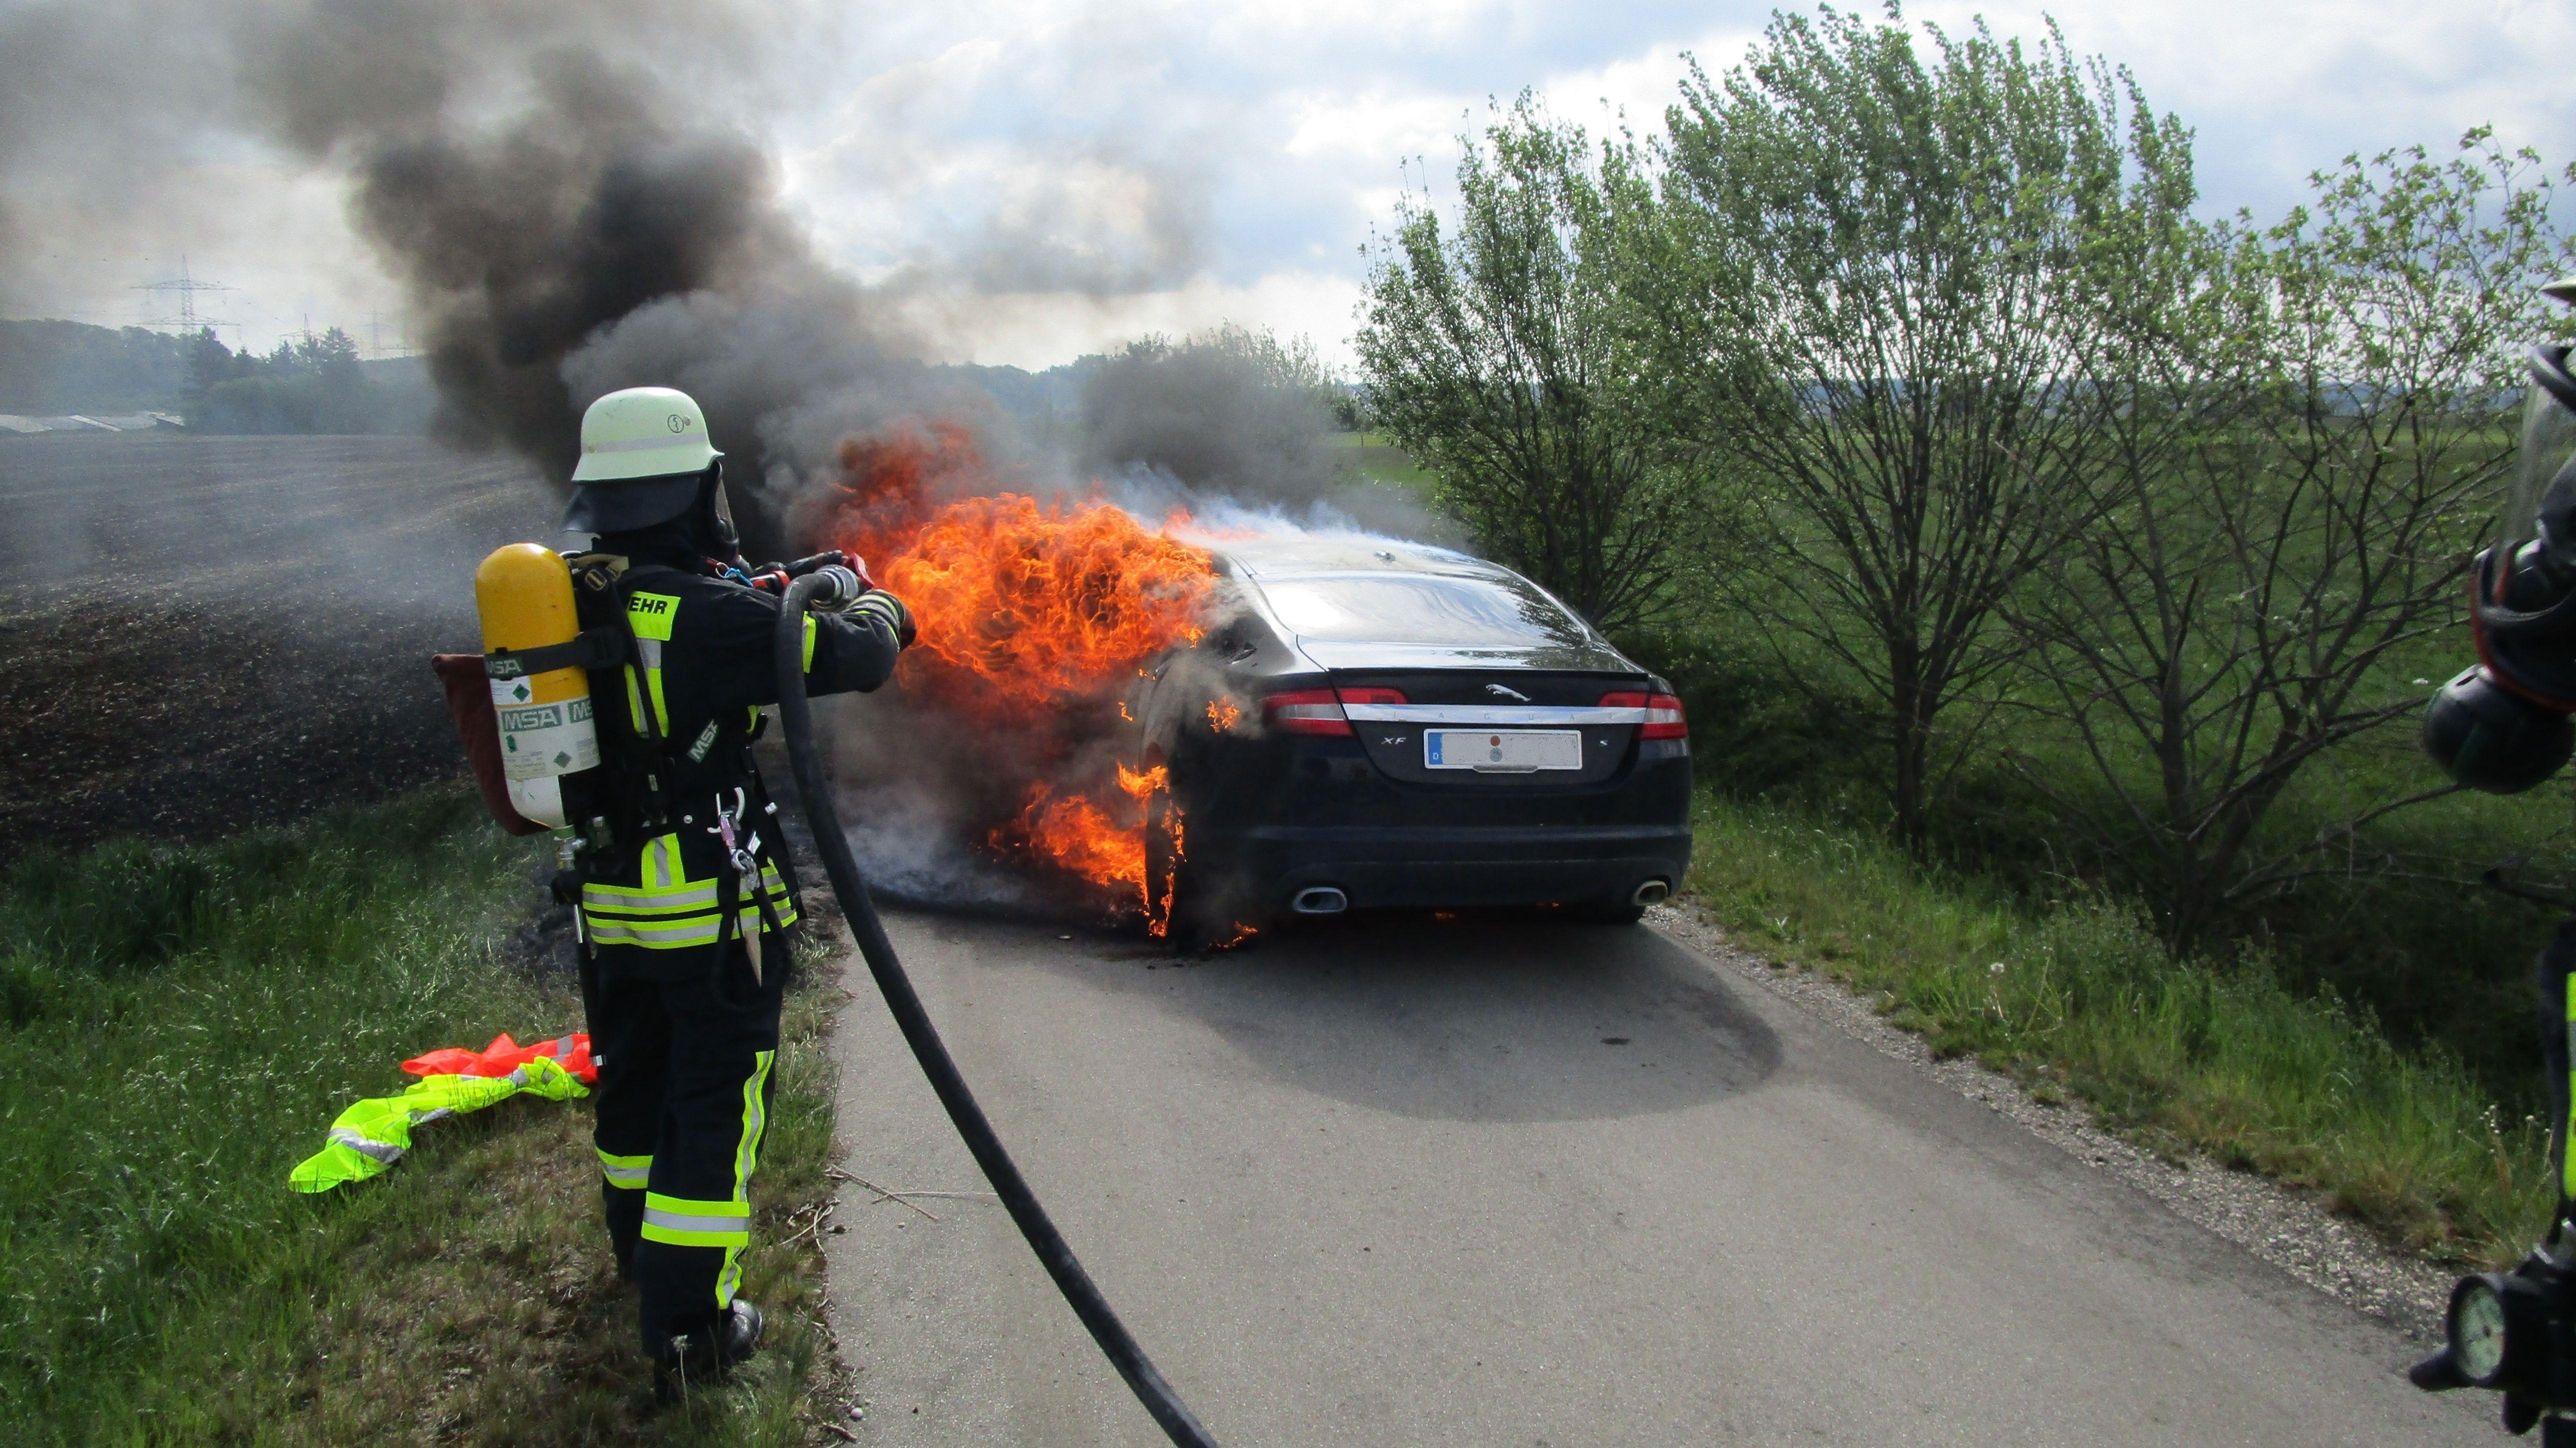 Ein brennender Jaguar auf einem Weg unweit der A8-Autobahnausfahrt Friedberg